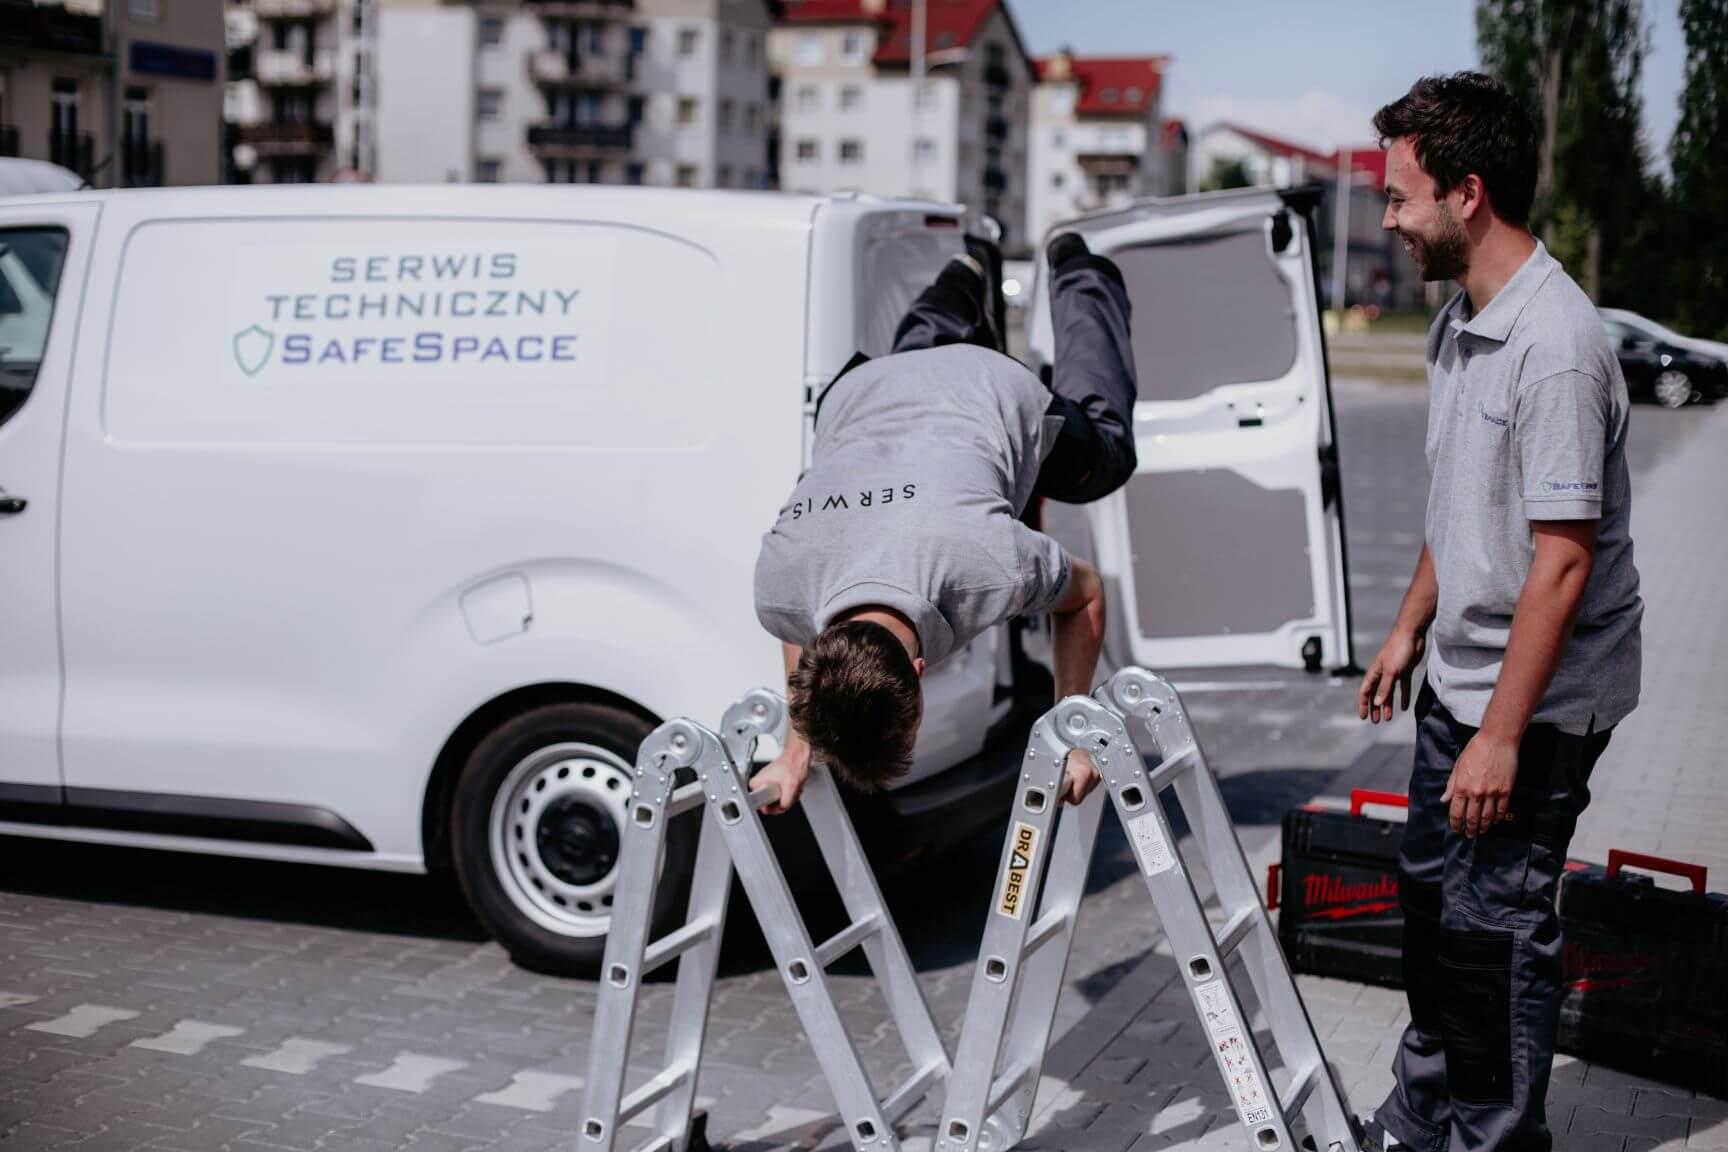 Pracownicy serwisu technicznego agencji SafeSpace